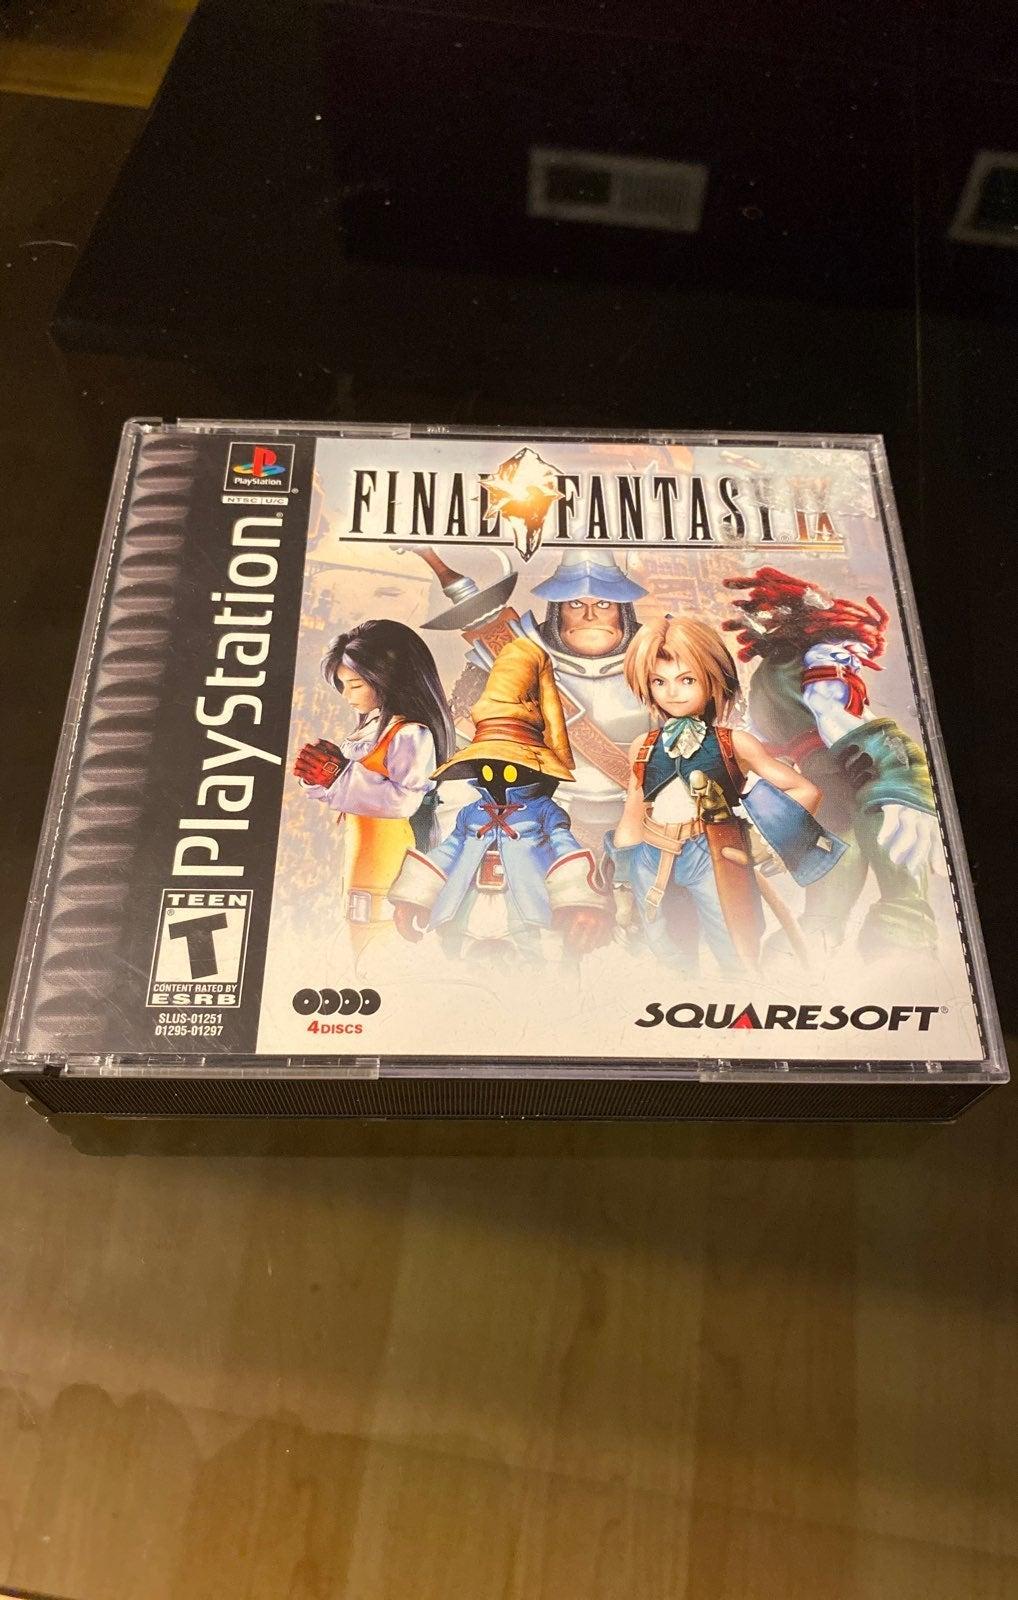 Final Fantasy IX PS1 Black Label